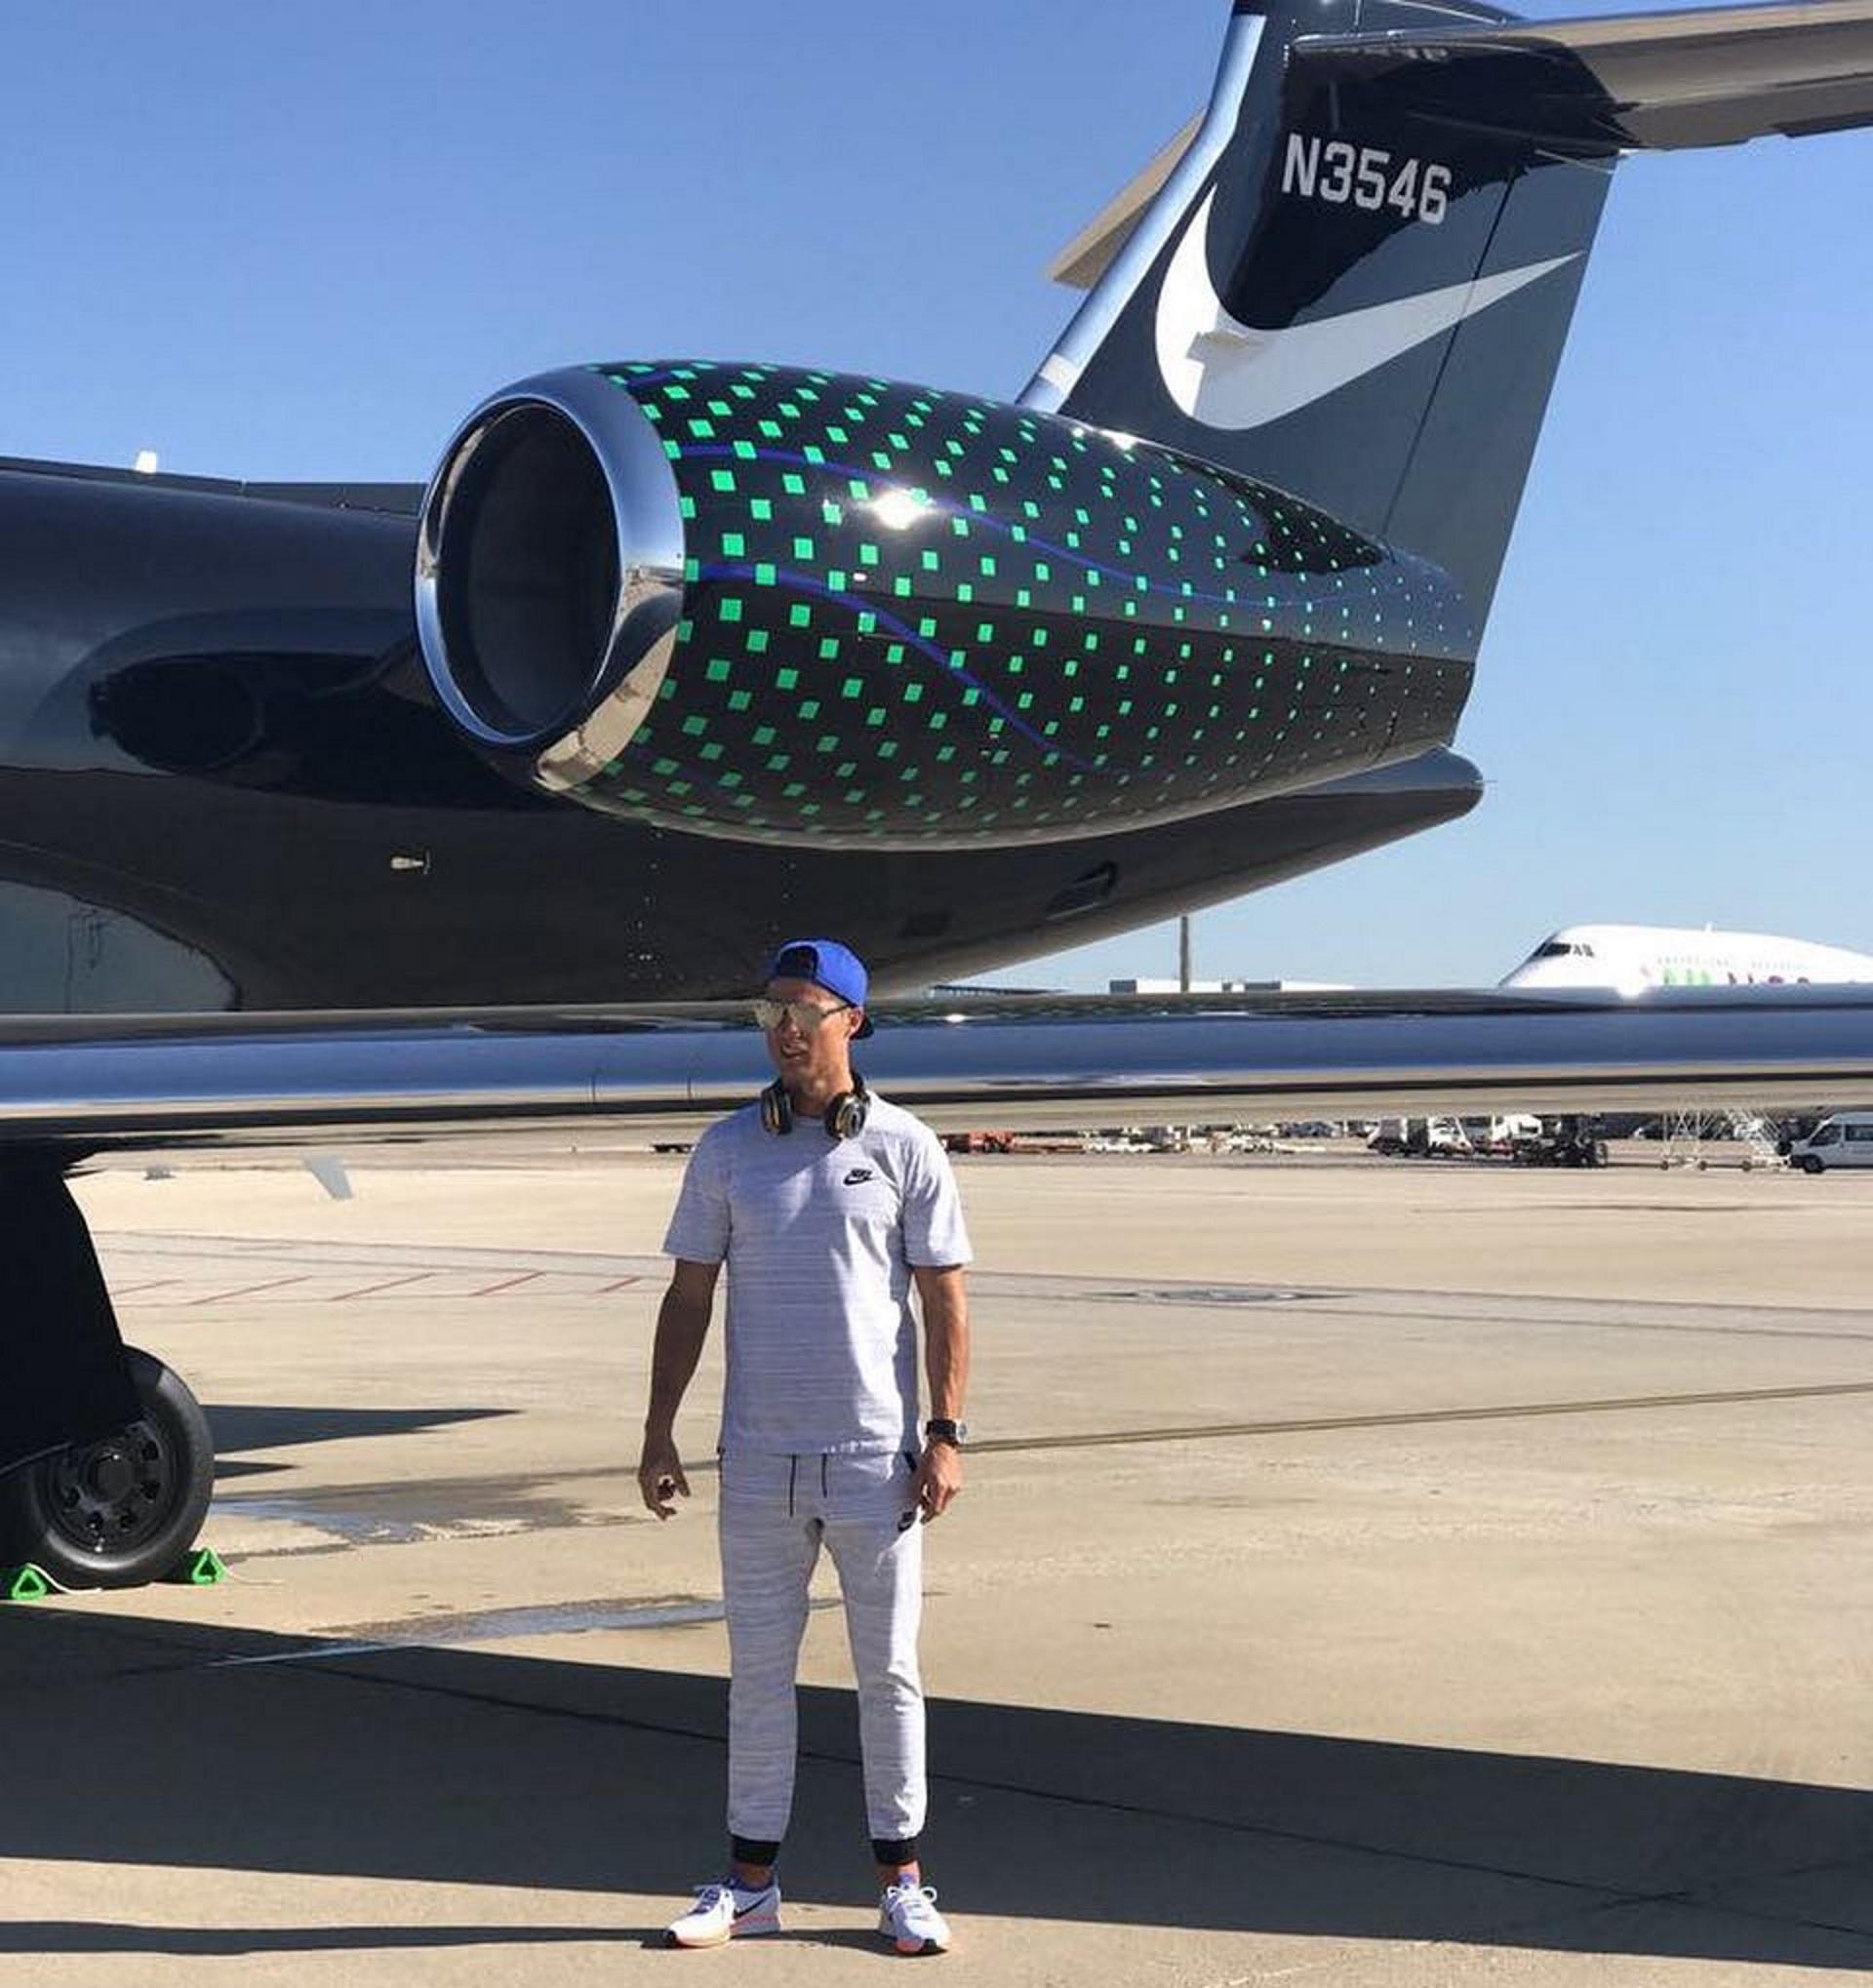 El avión que trasladó a Cristiano Ronaldo durante sus días de descanso